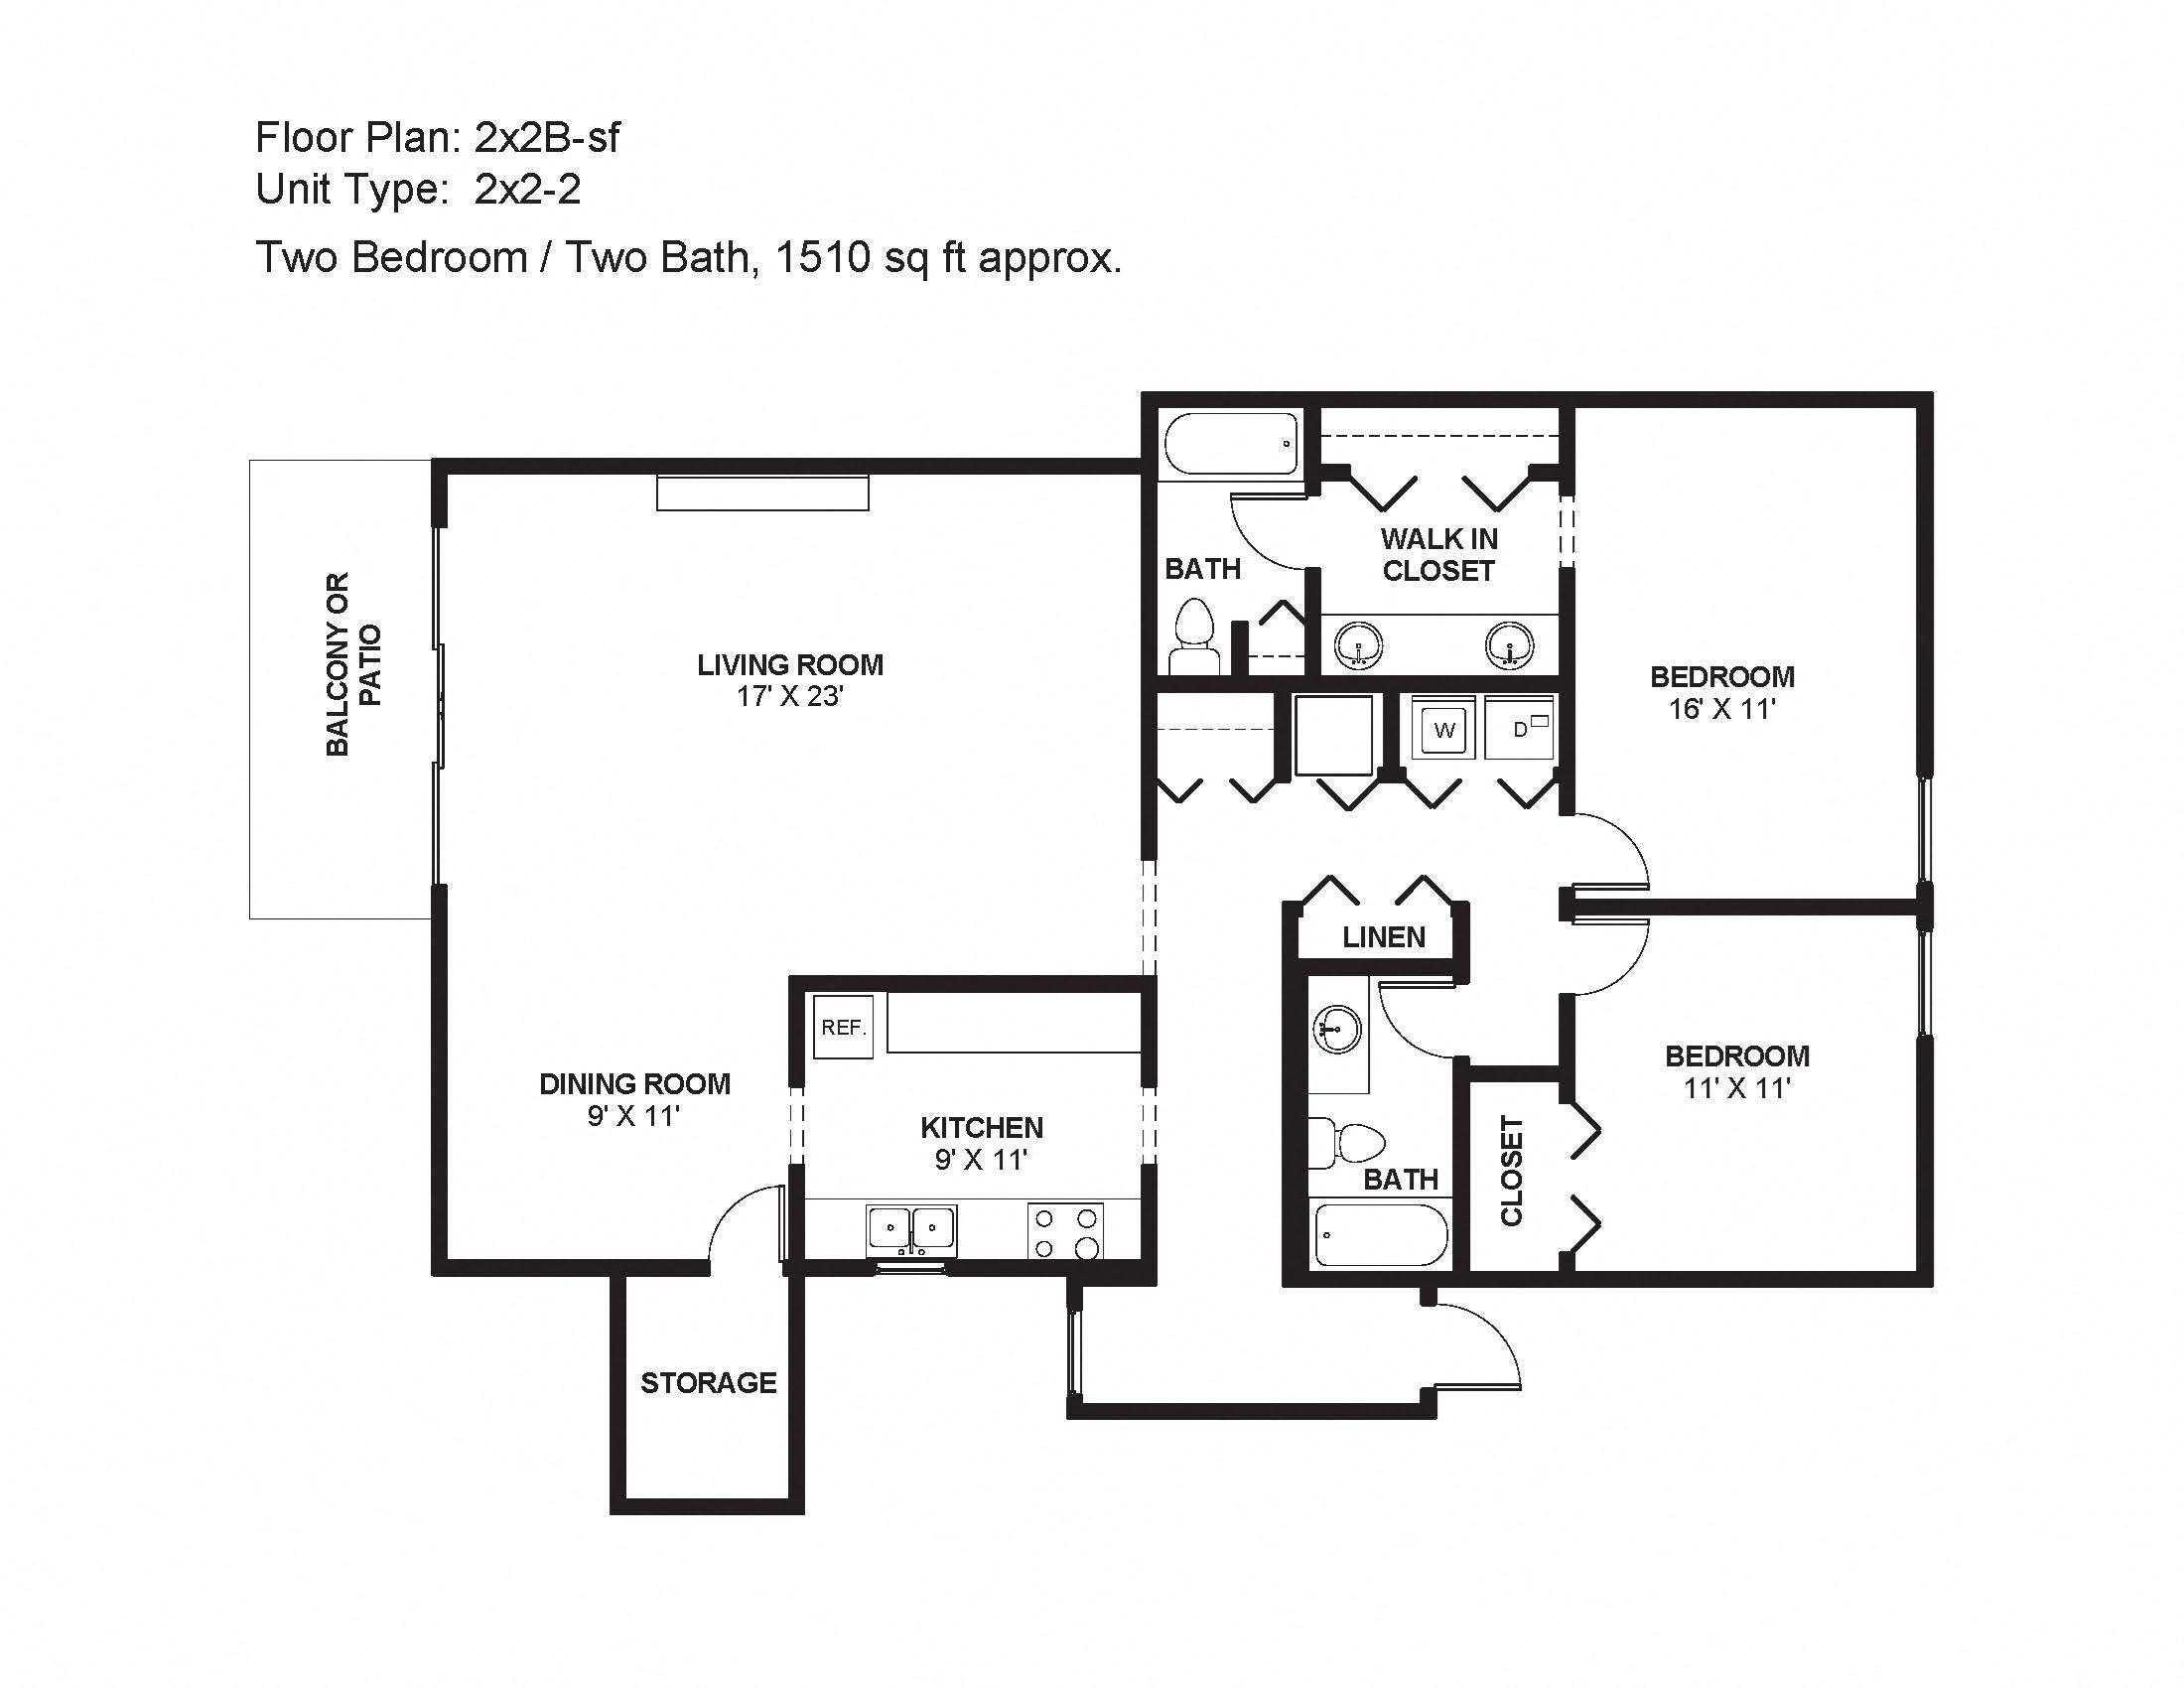 2x2B-sf Floor Plan 11